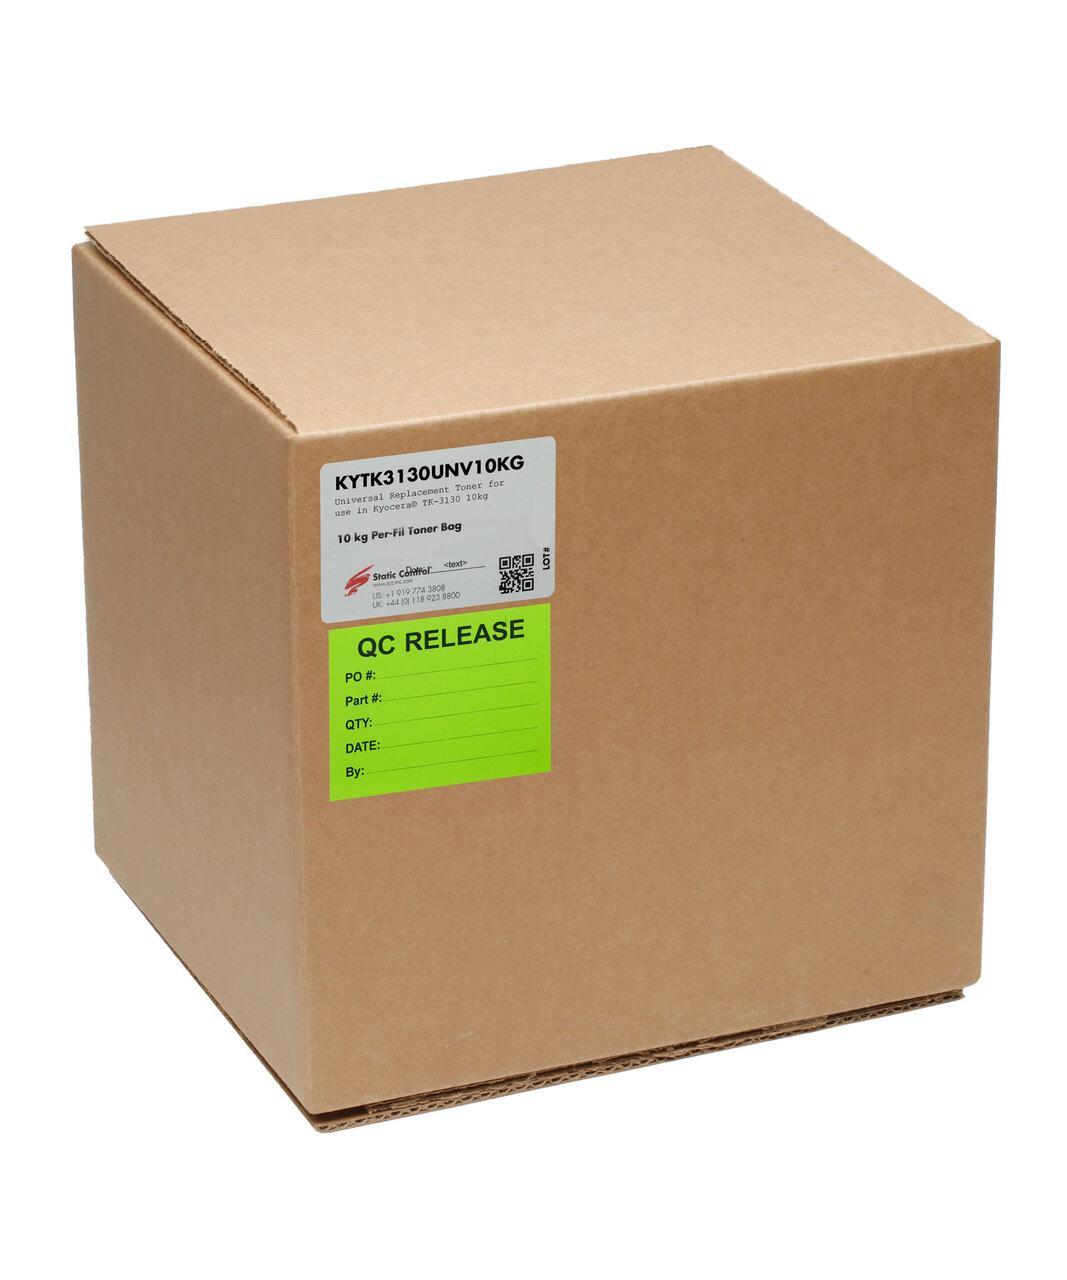 Тонер Static Control для Kyocera FS-4100/4200/4300DN(TK-3130), 10 кг, коробка KYTK3130UNV10KG